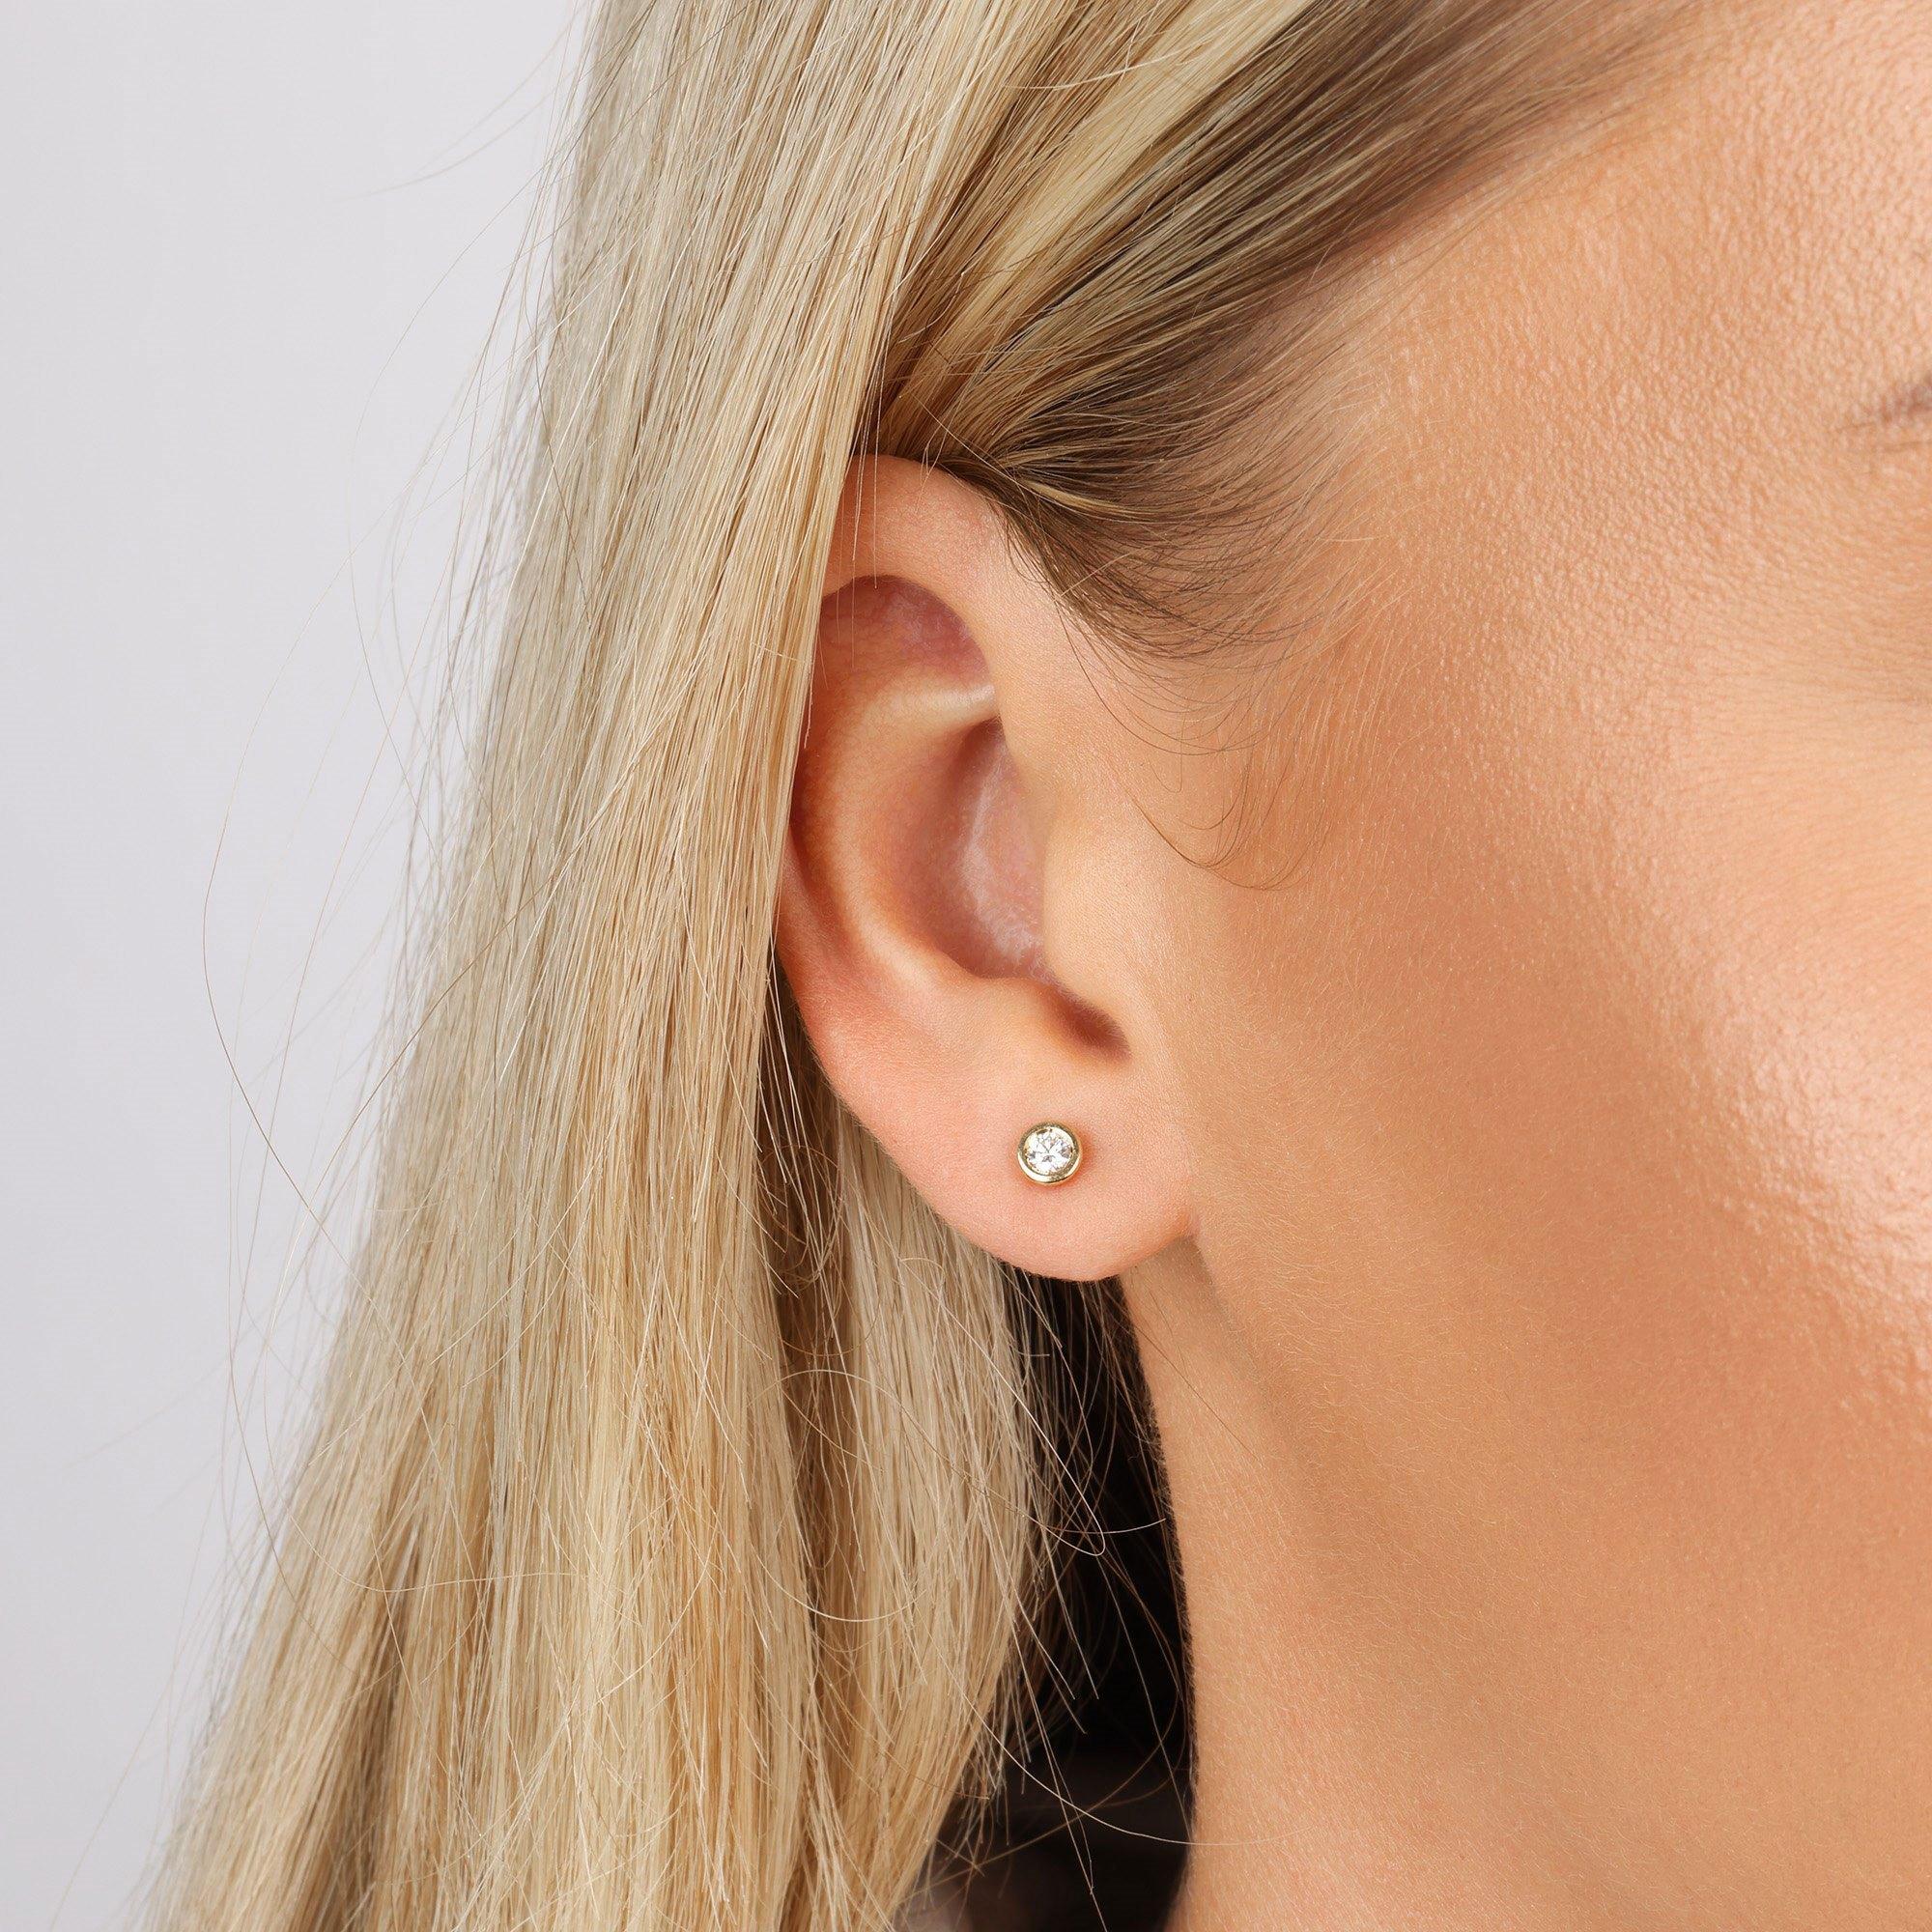 Tiffany & Co. Diamonds by the Yard Stud earrings